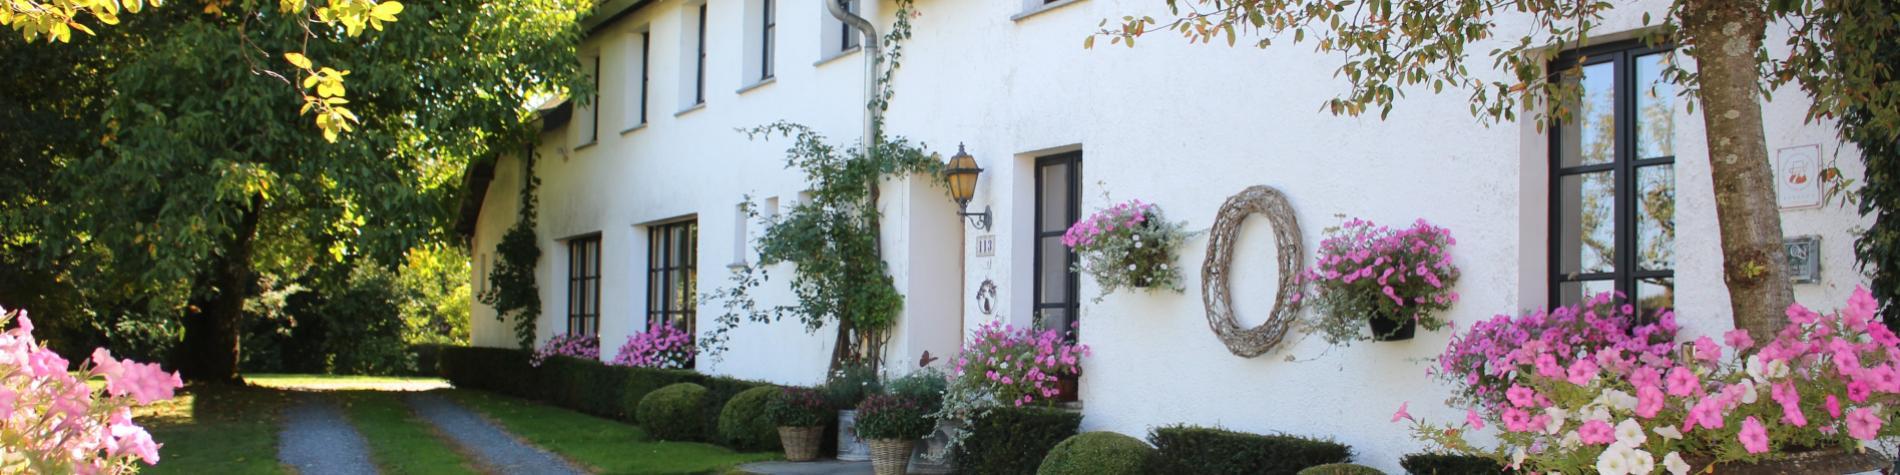 Maison d'hôtes - La Cascatelle - Léglise